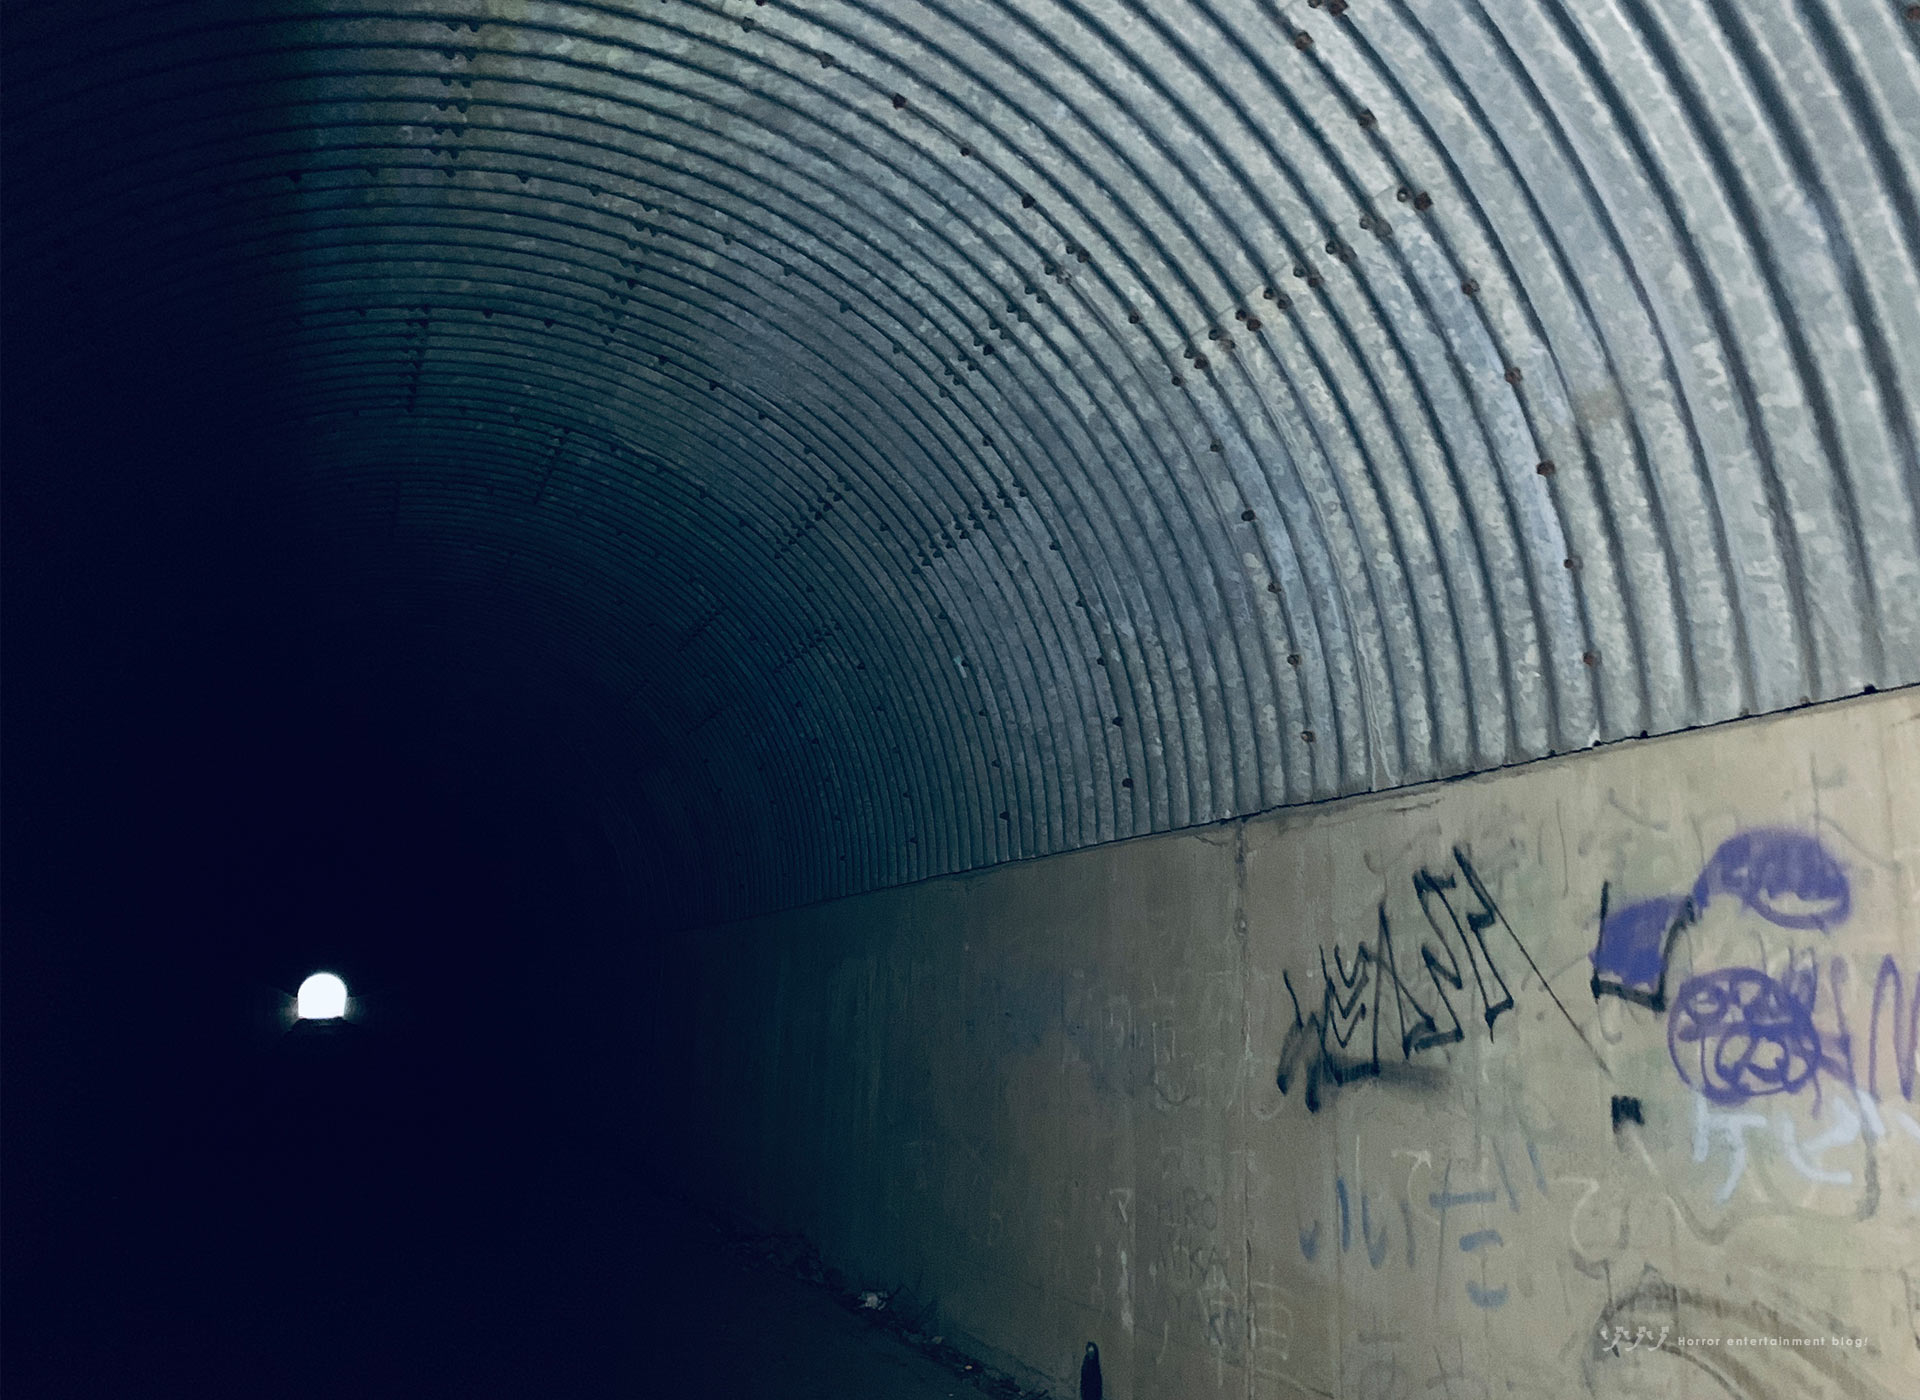 【シリーズ・心霊スポット】山神トンネル